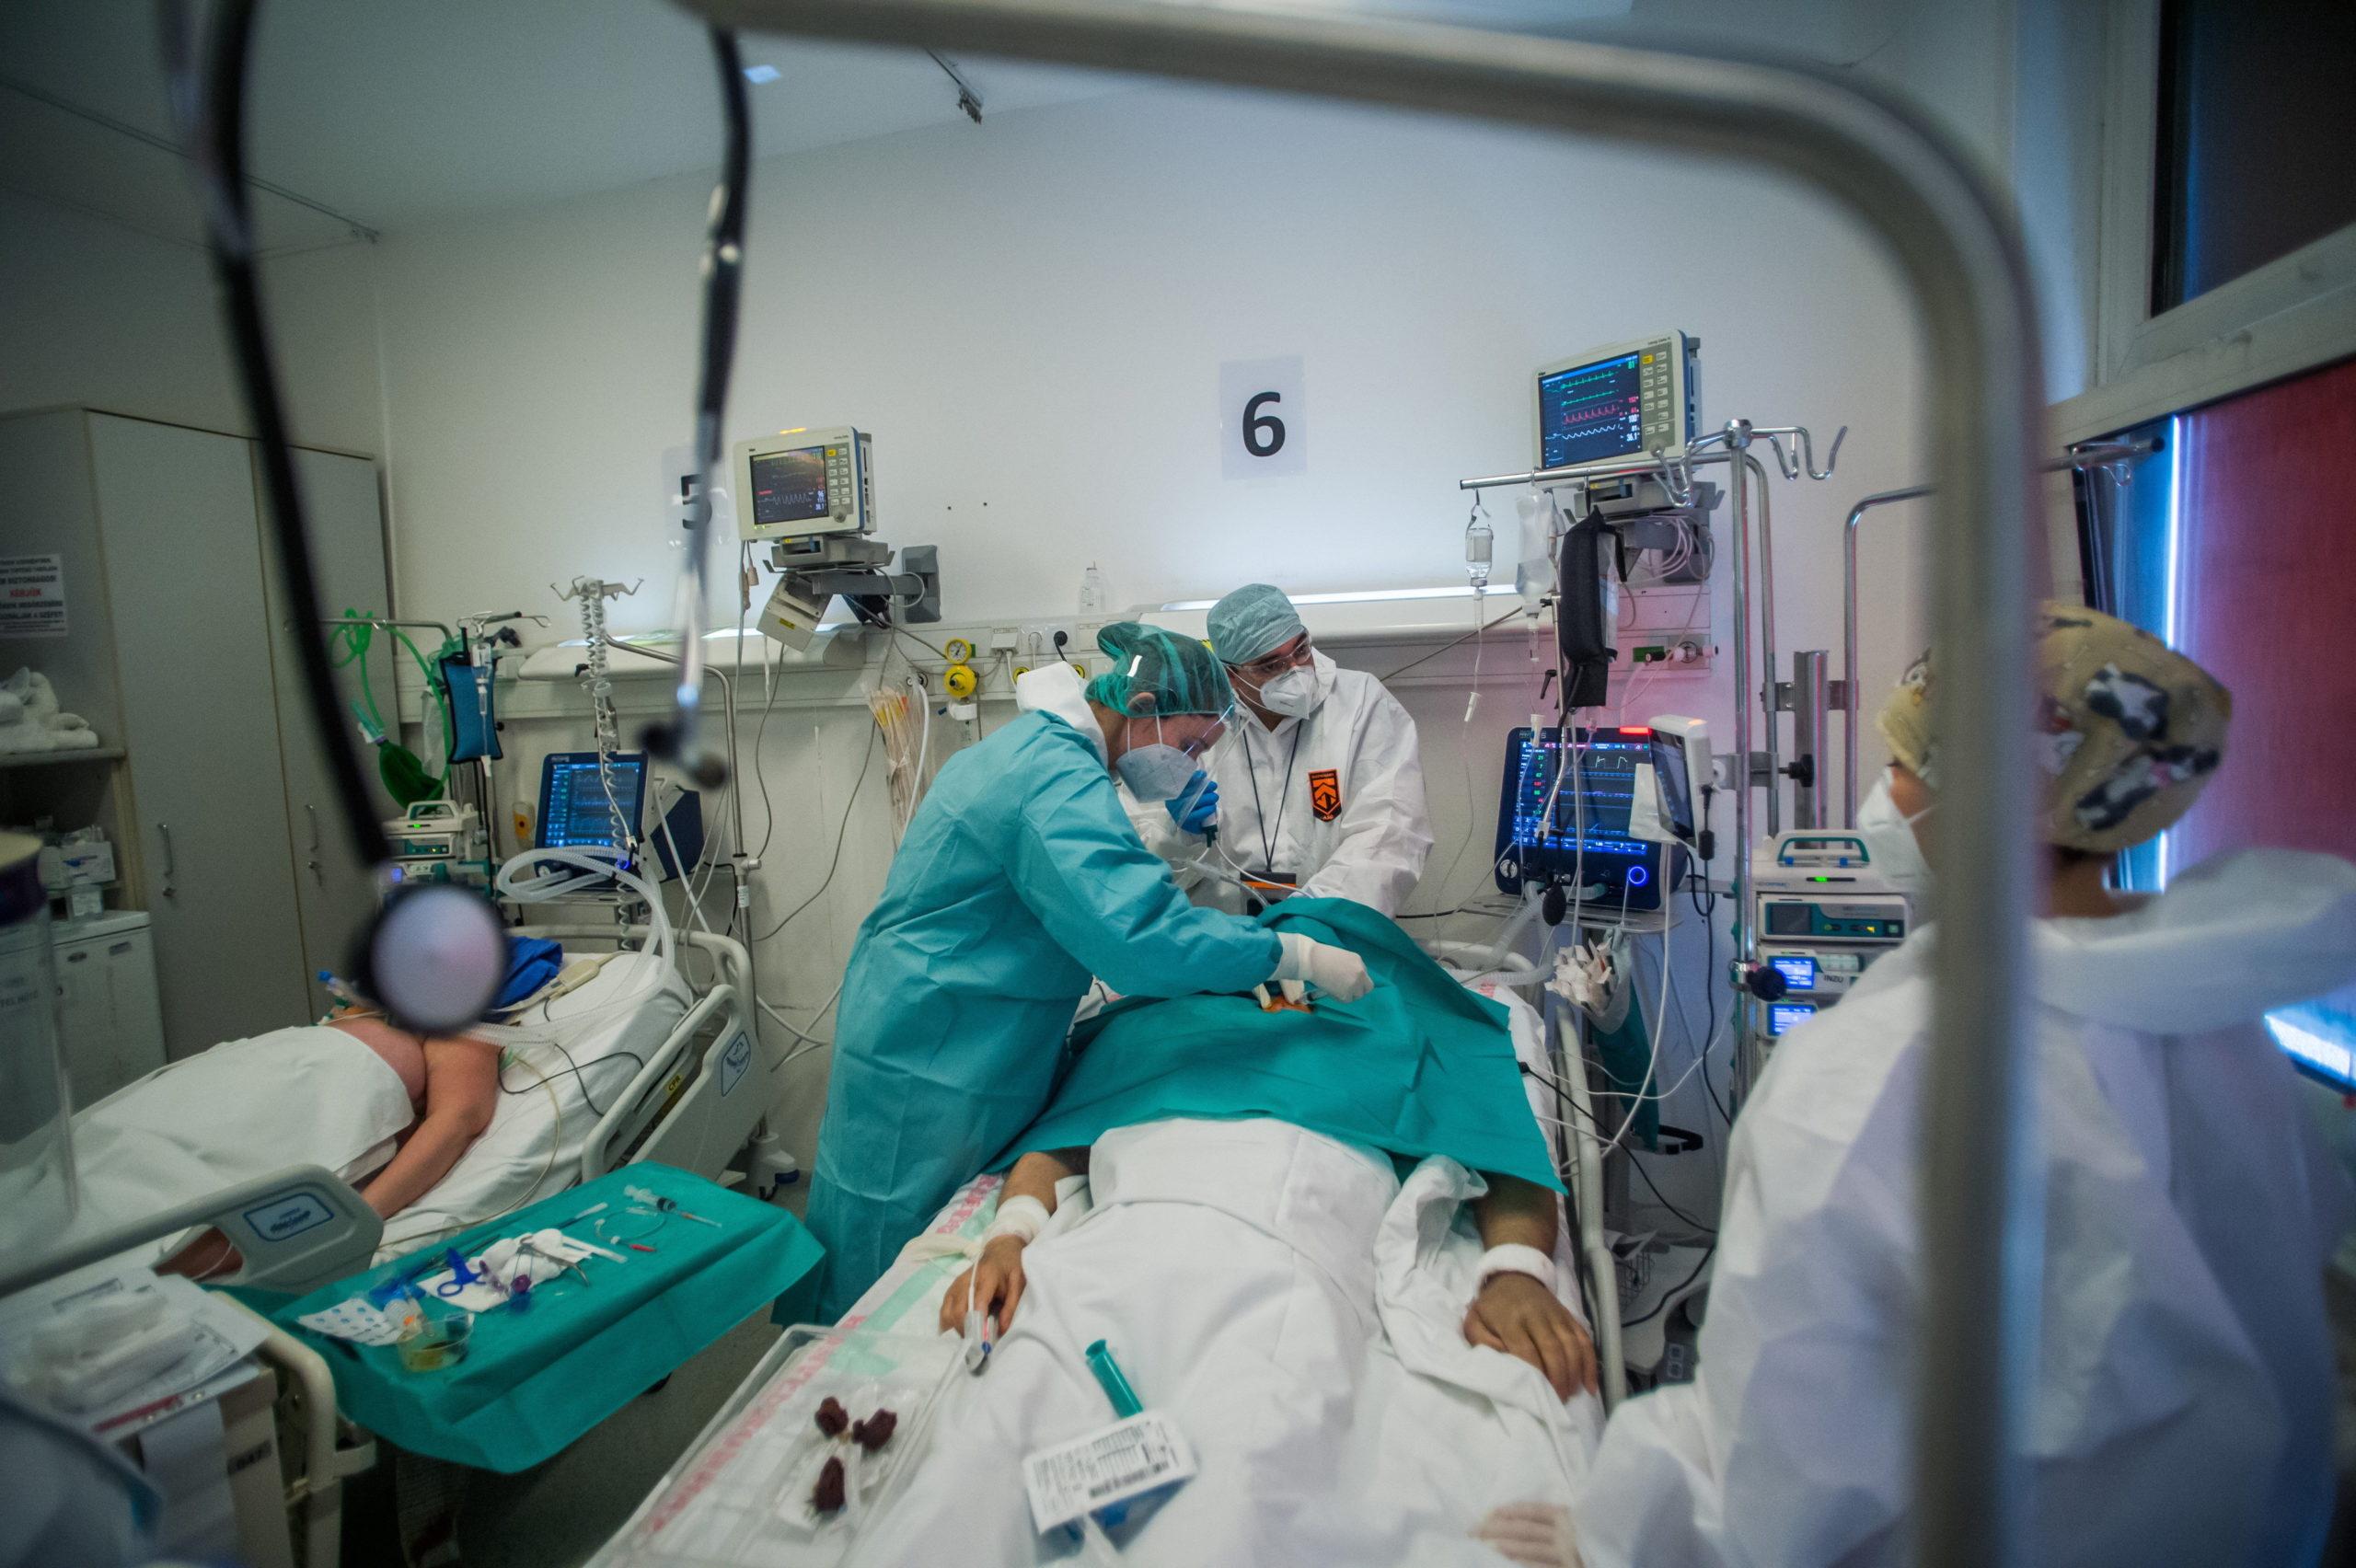 Lélegeztetett beteget látnak el védõfelszerelést viselõ orvosok és ápolók a fõvárosi Honvédkórház koronavírussal fertõzött betegek fogadására kialakított intenzív osztályán